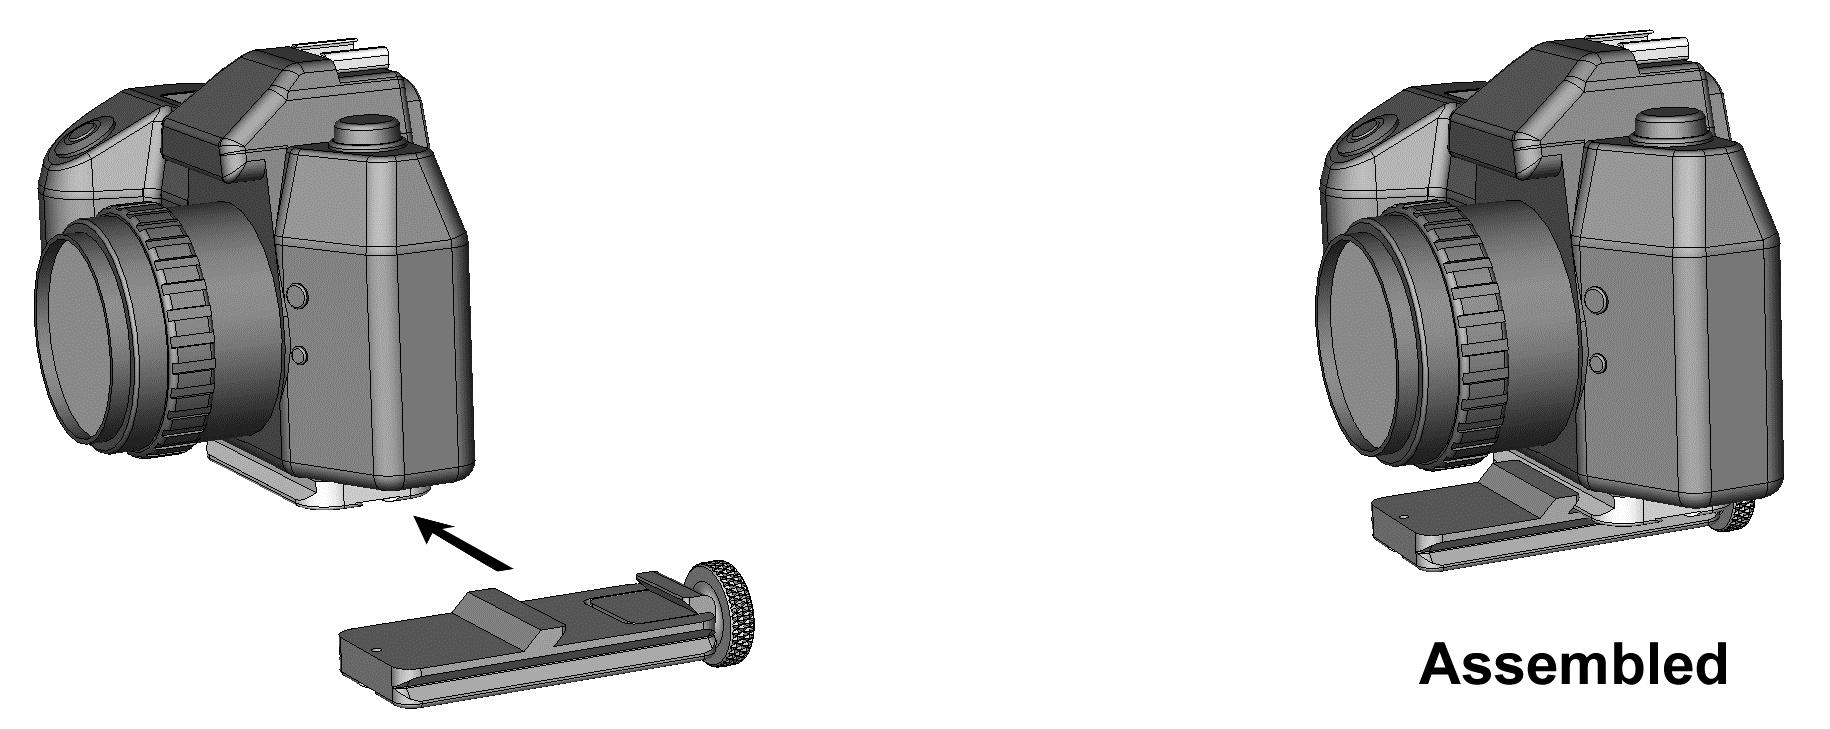 Assembled M-8